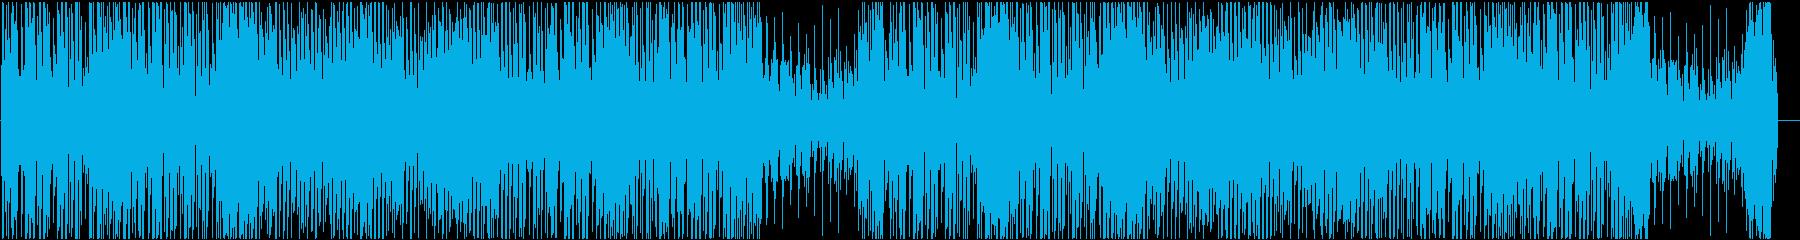 ポップでかわいい、コミカルなCM曲の再生済みの波形